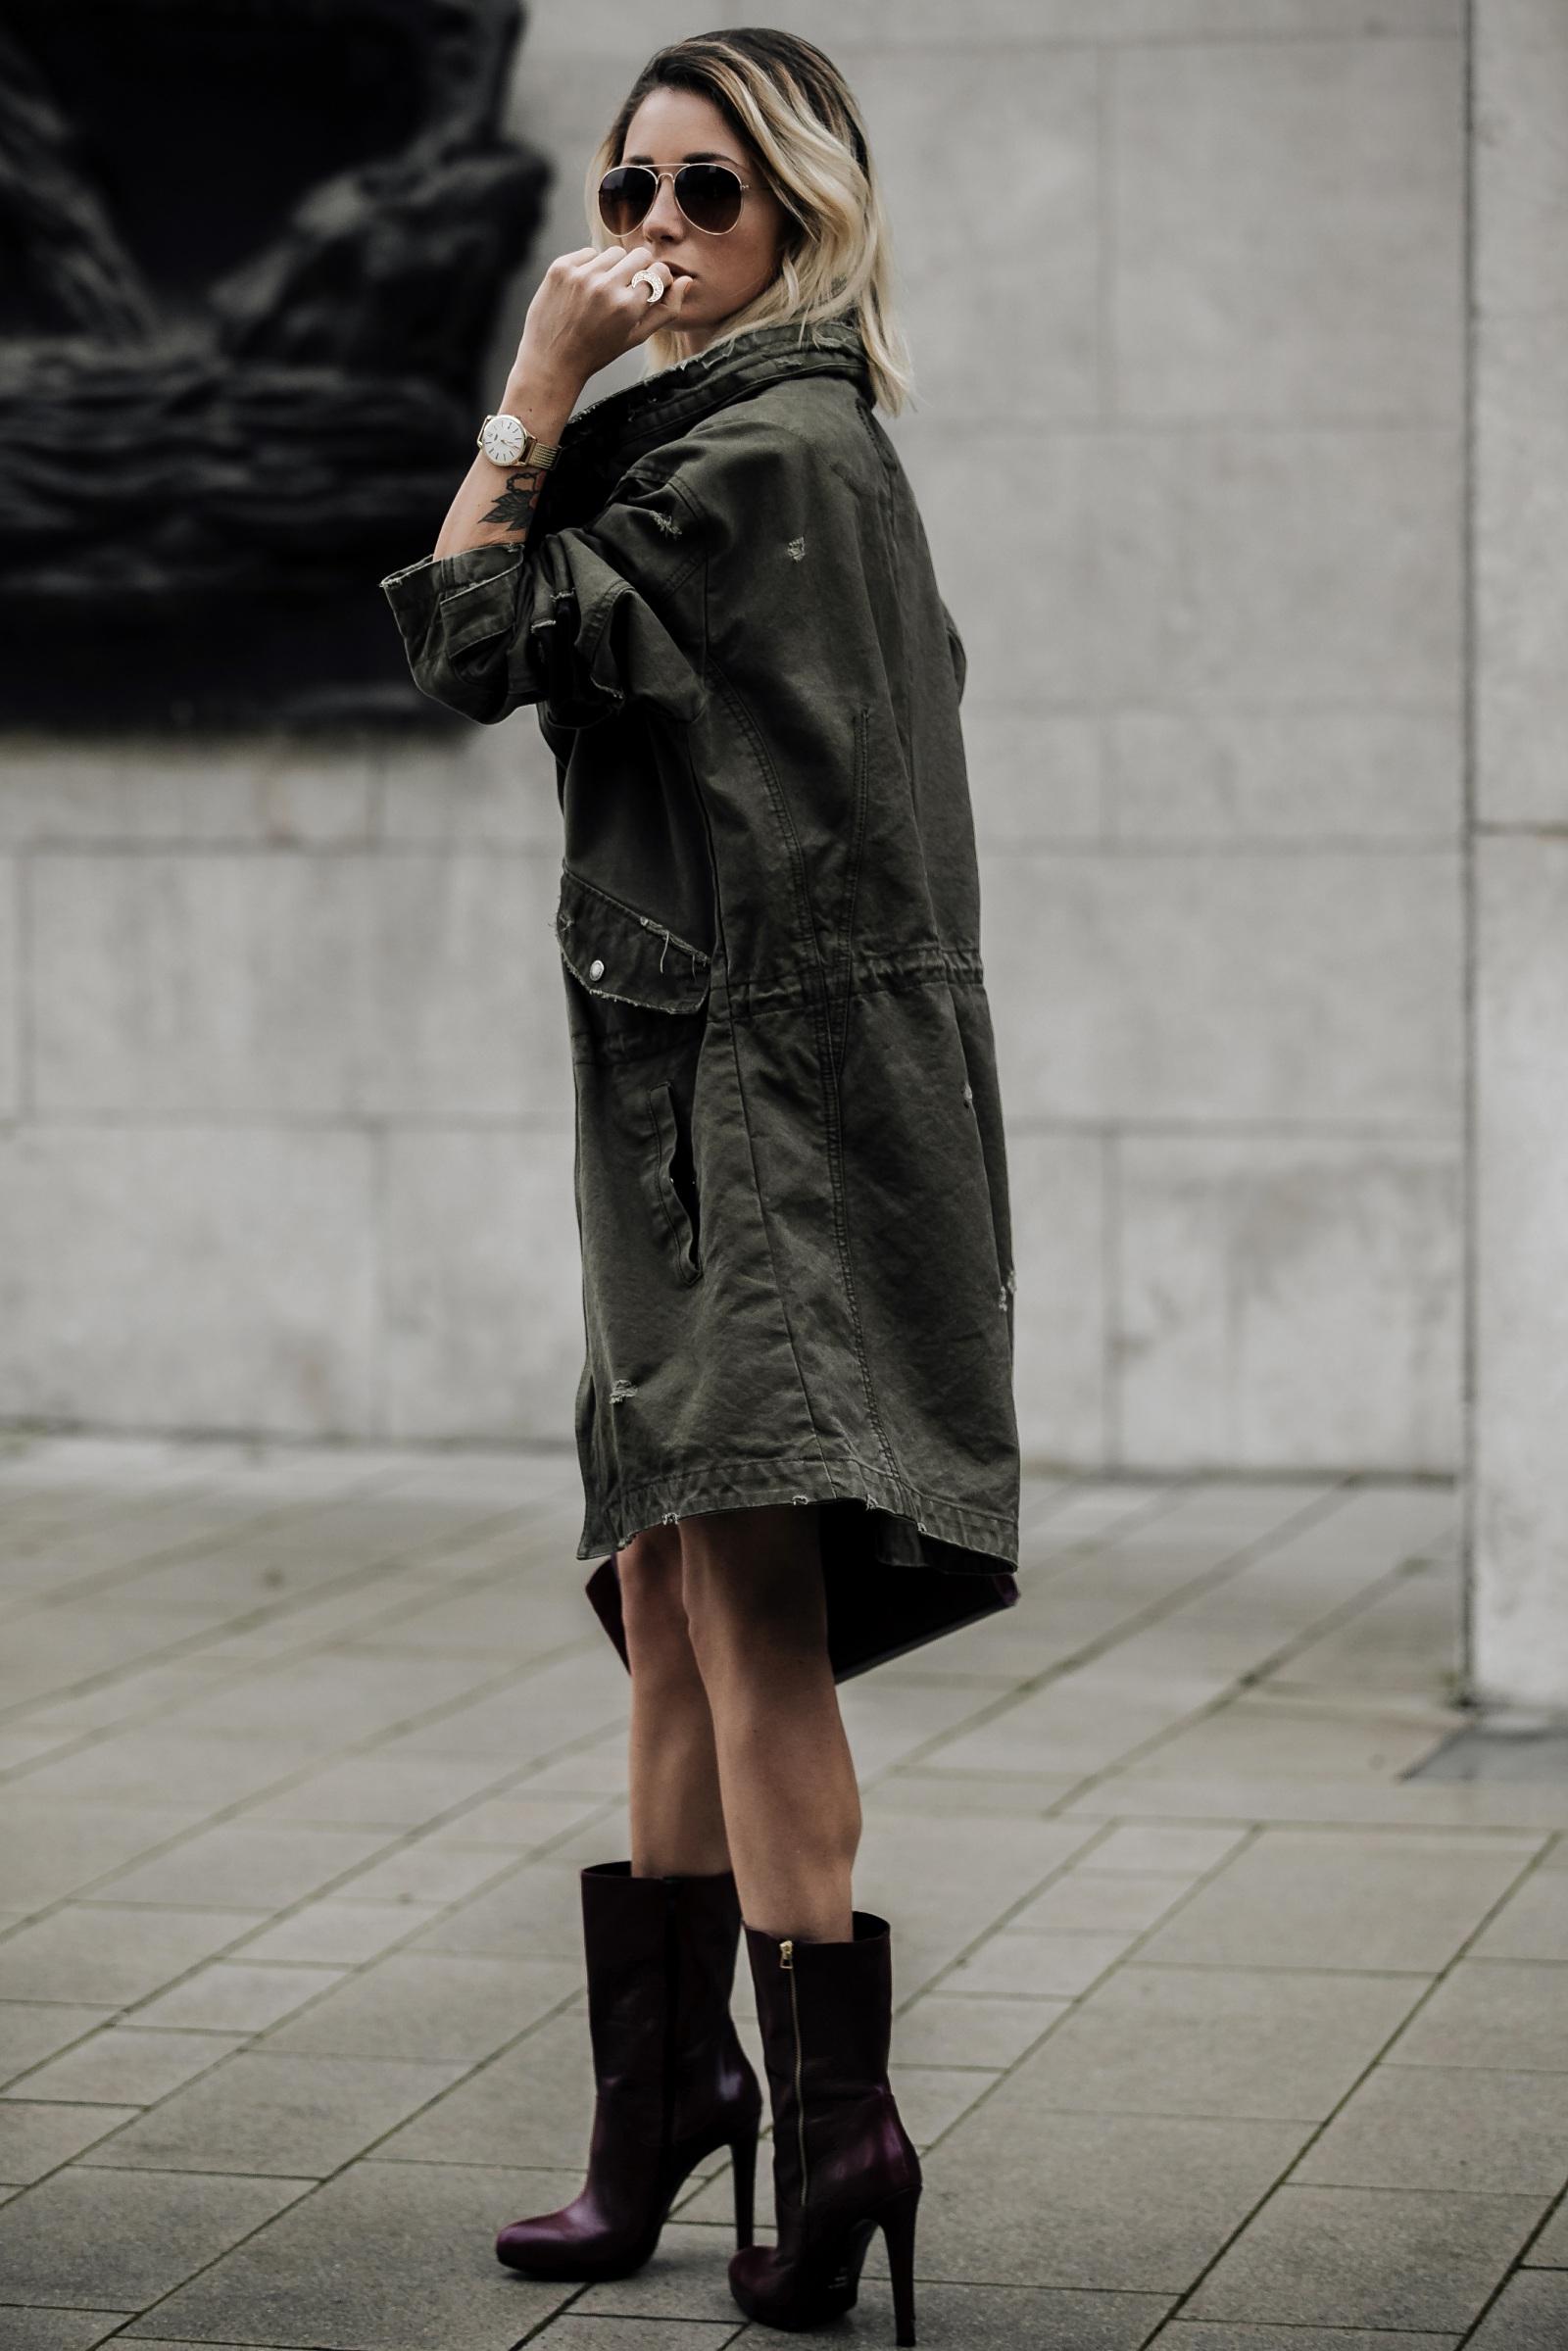 die-10-besten-fashion-blogs-deutschlands-mode-influencer-fashion-germany-couture-de-coeur-jasmin-kessler-2